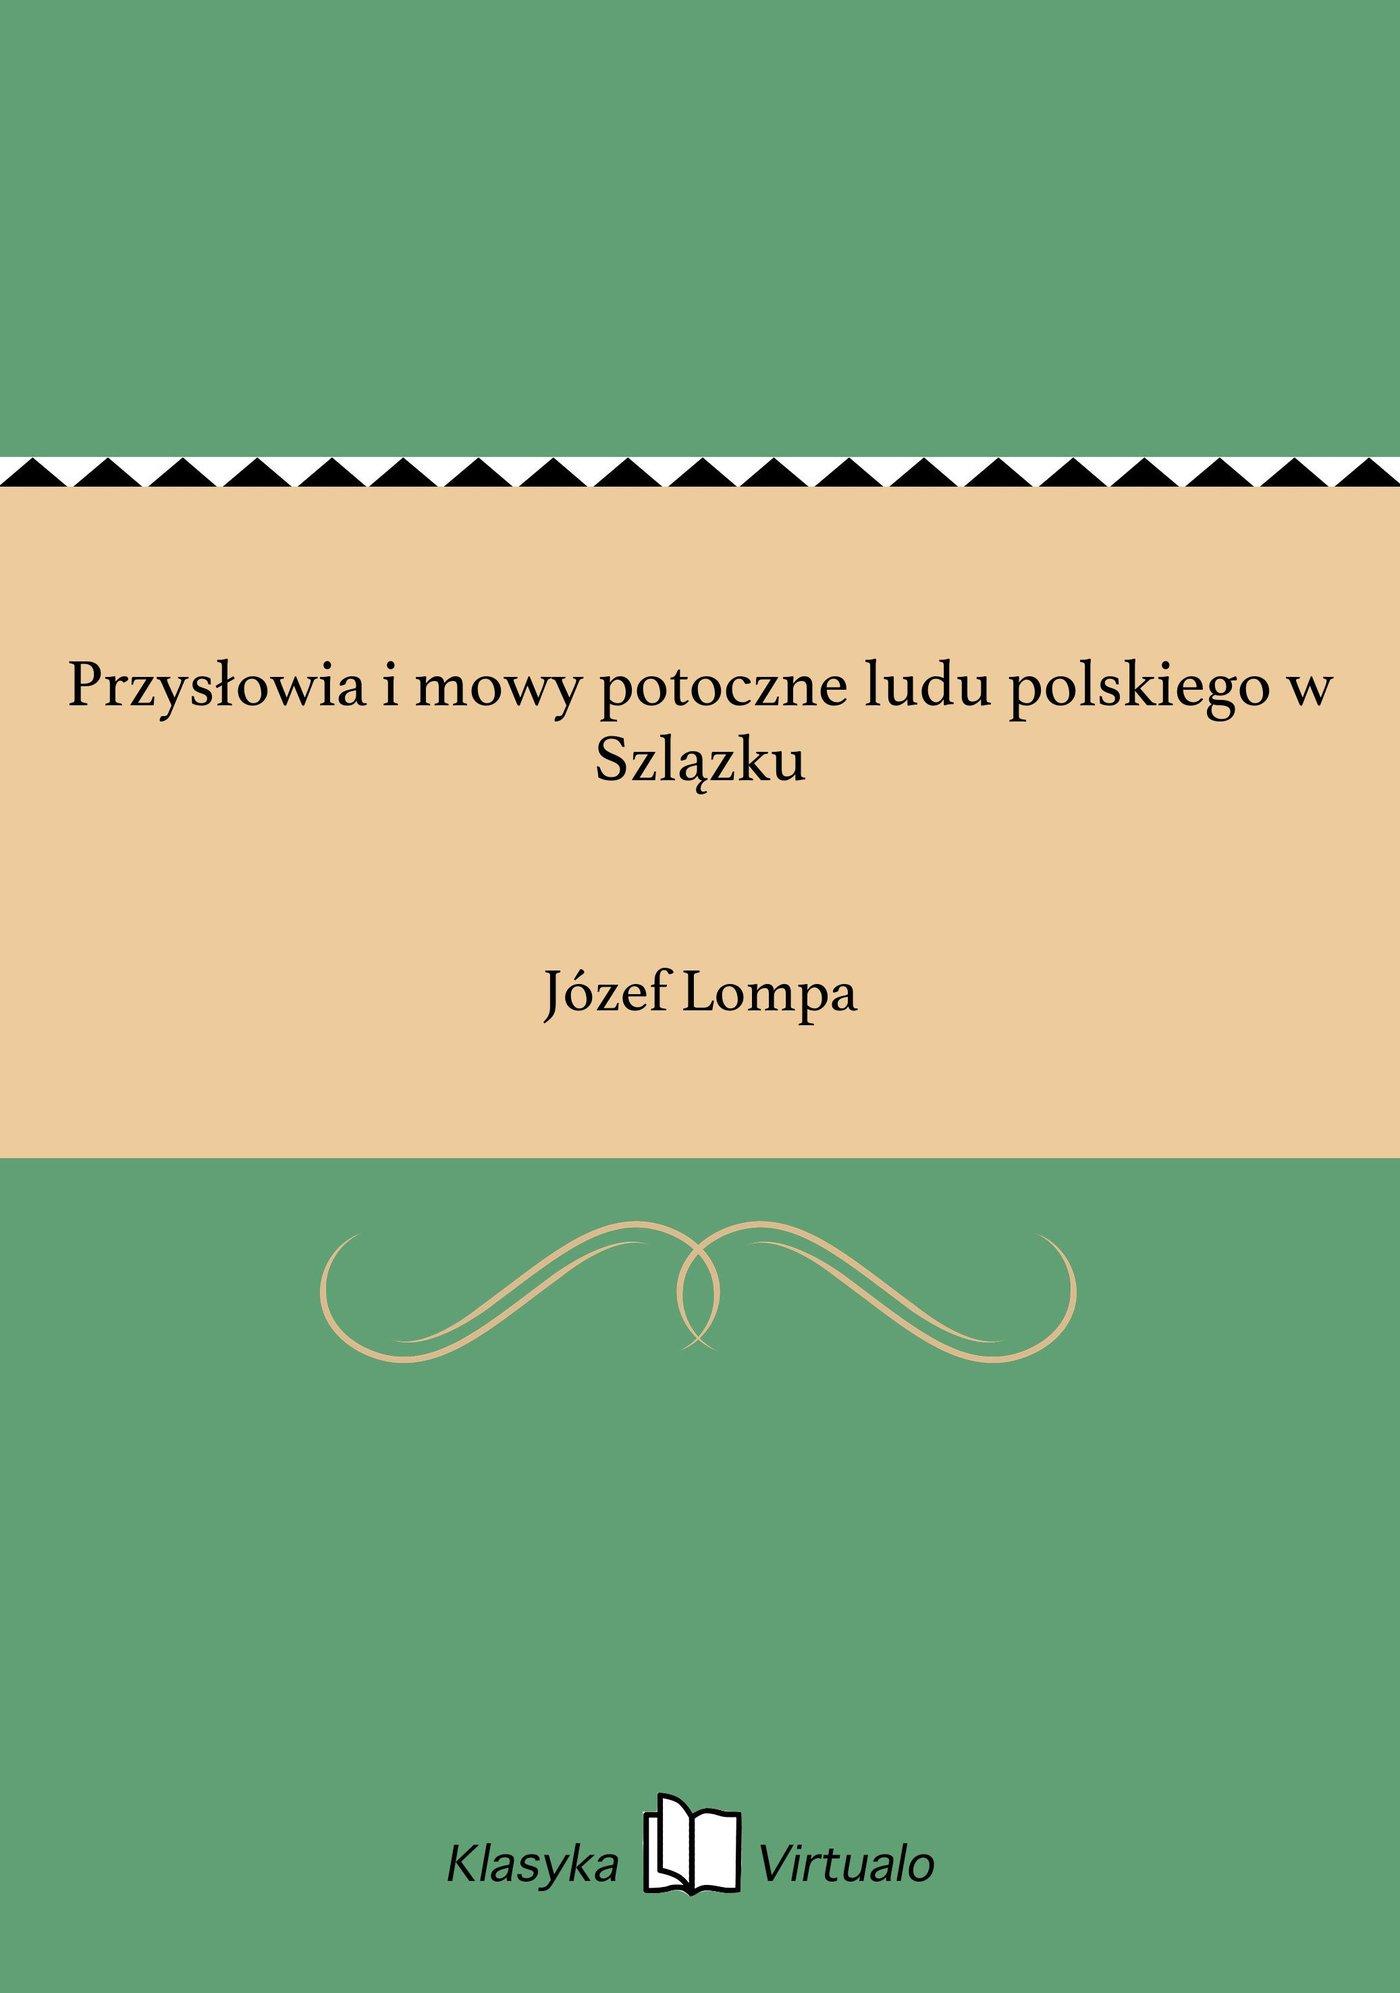 Przysłowia i mowy potoczne ludu polskiego w Szlązku - Ebook (Książka na Kindle) do pobrania w formacie MOBI